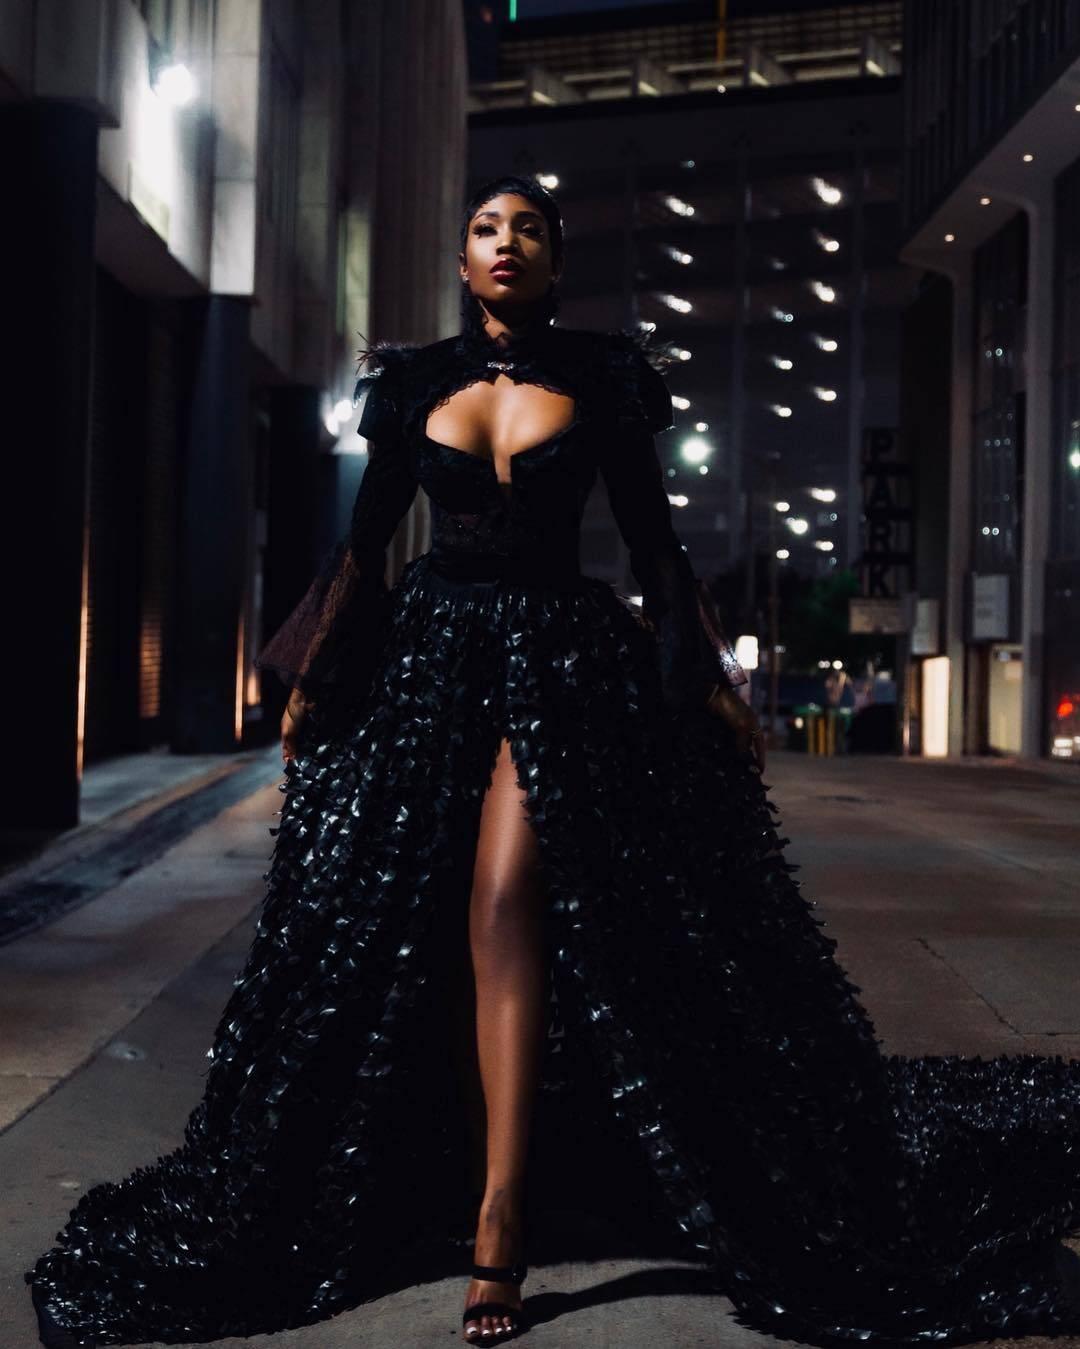 Sai Sankoh in All Black Haute Couture Dress